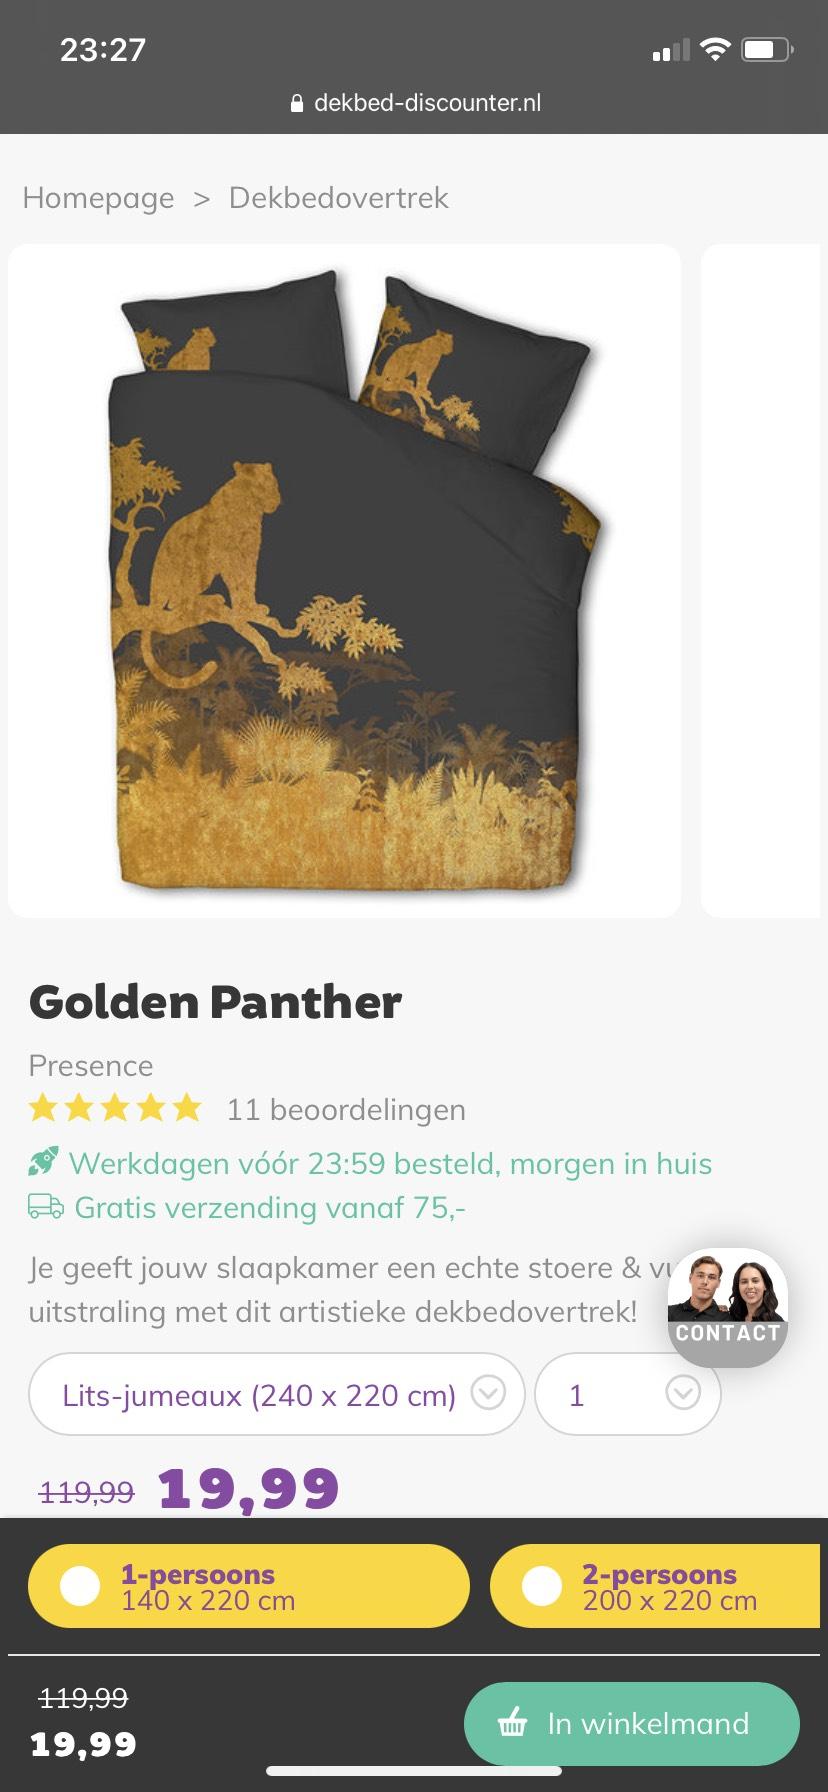 Dekbedovertrek Golden Panther van Presence